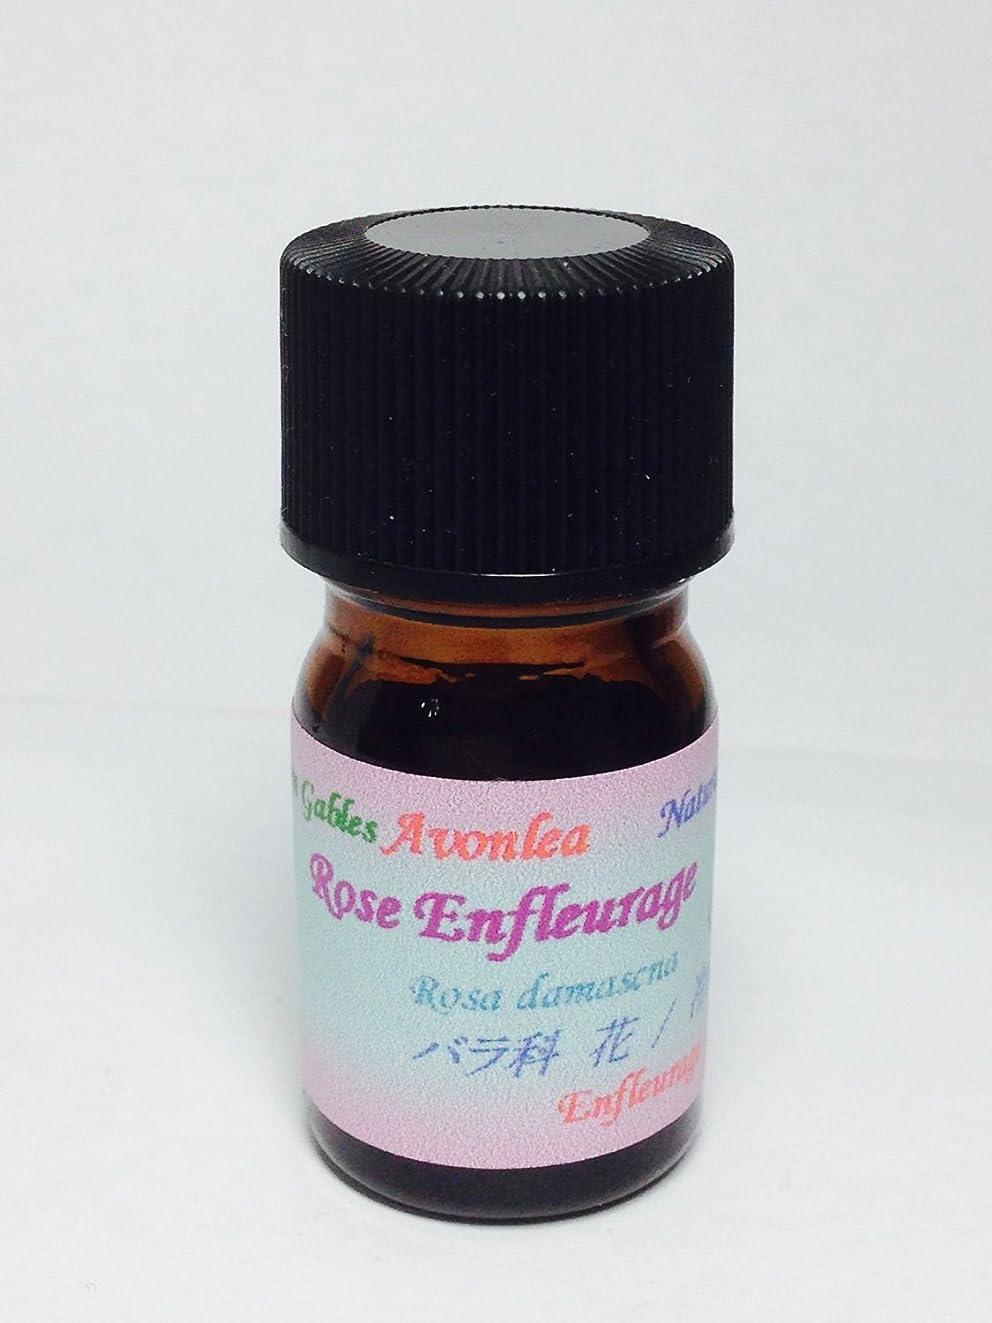 ピカリングリブ千ローズ エッセンシャルオイル油脂吸着法 高級精油 5ml